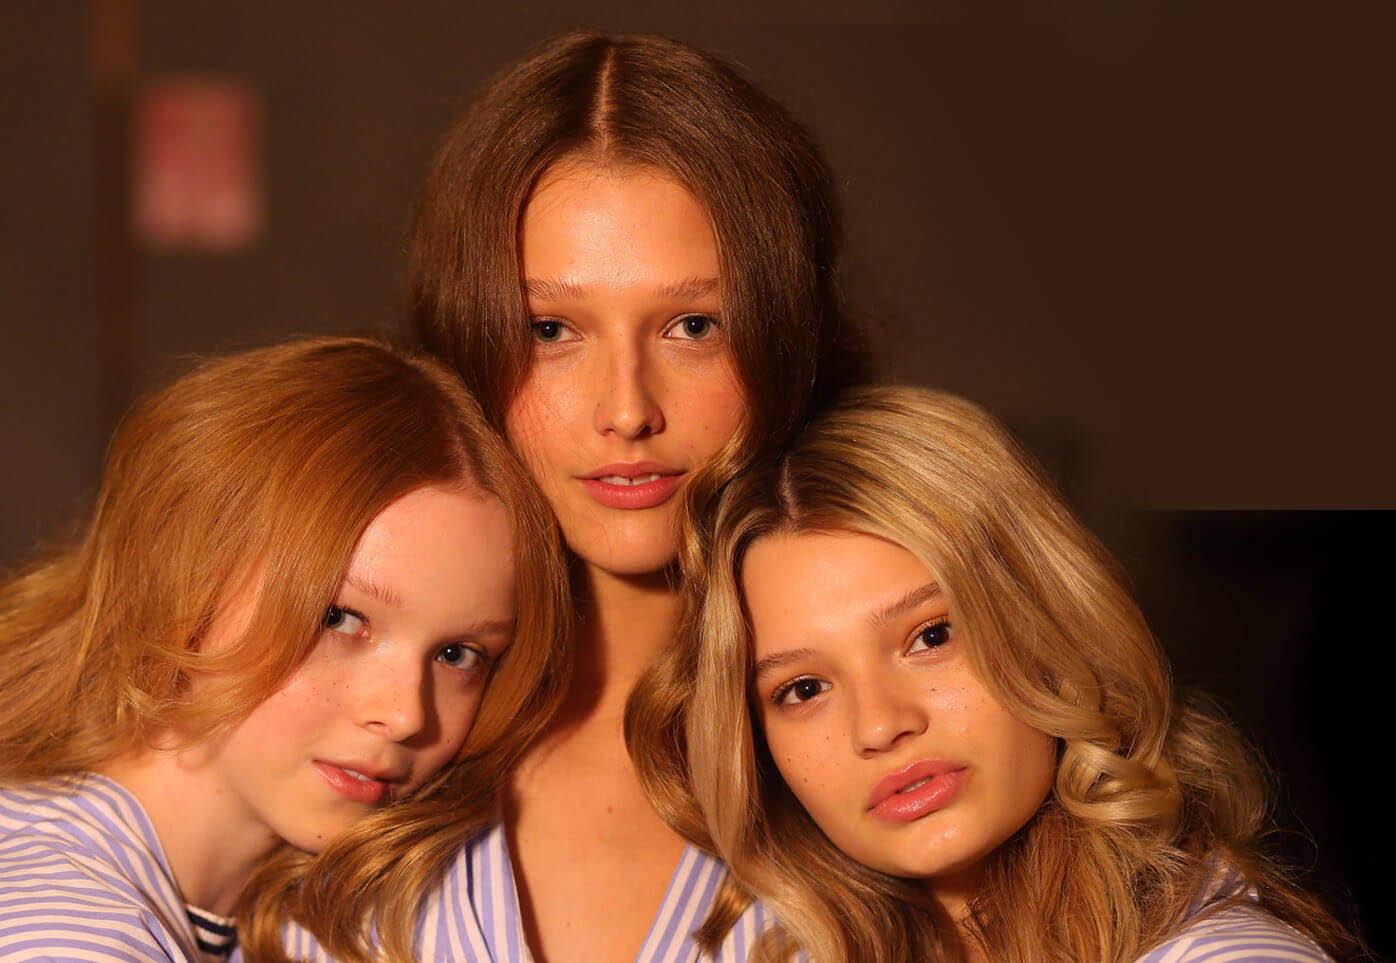 Što boja kose otkriva o osobi